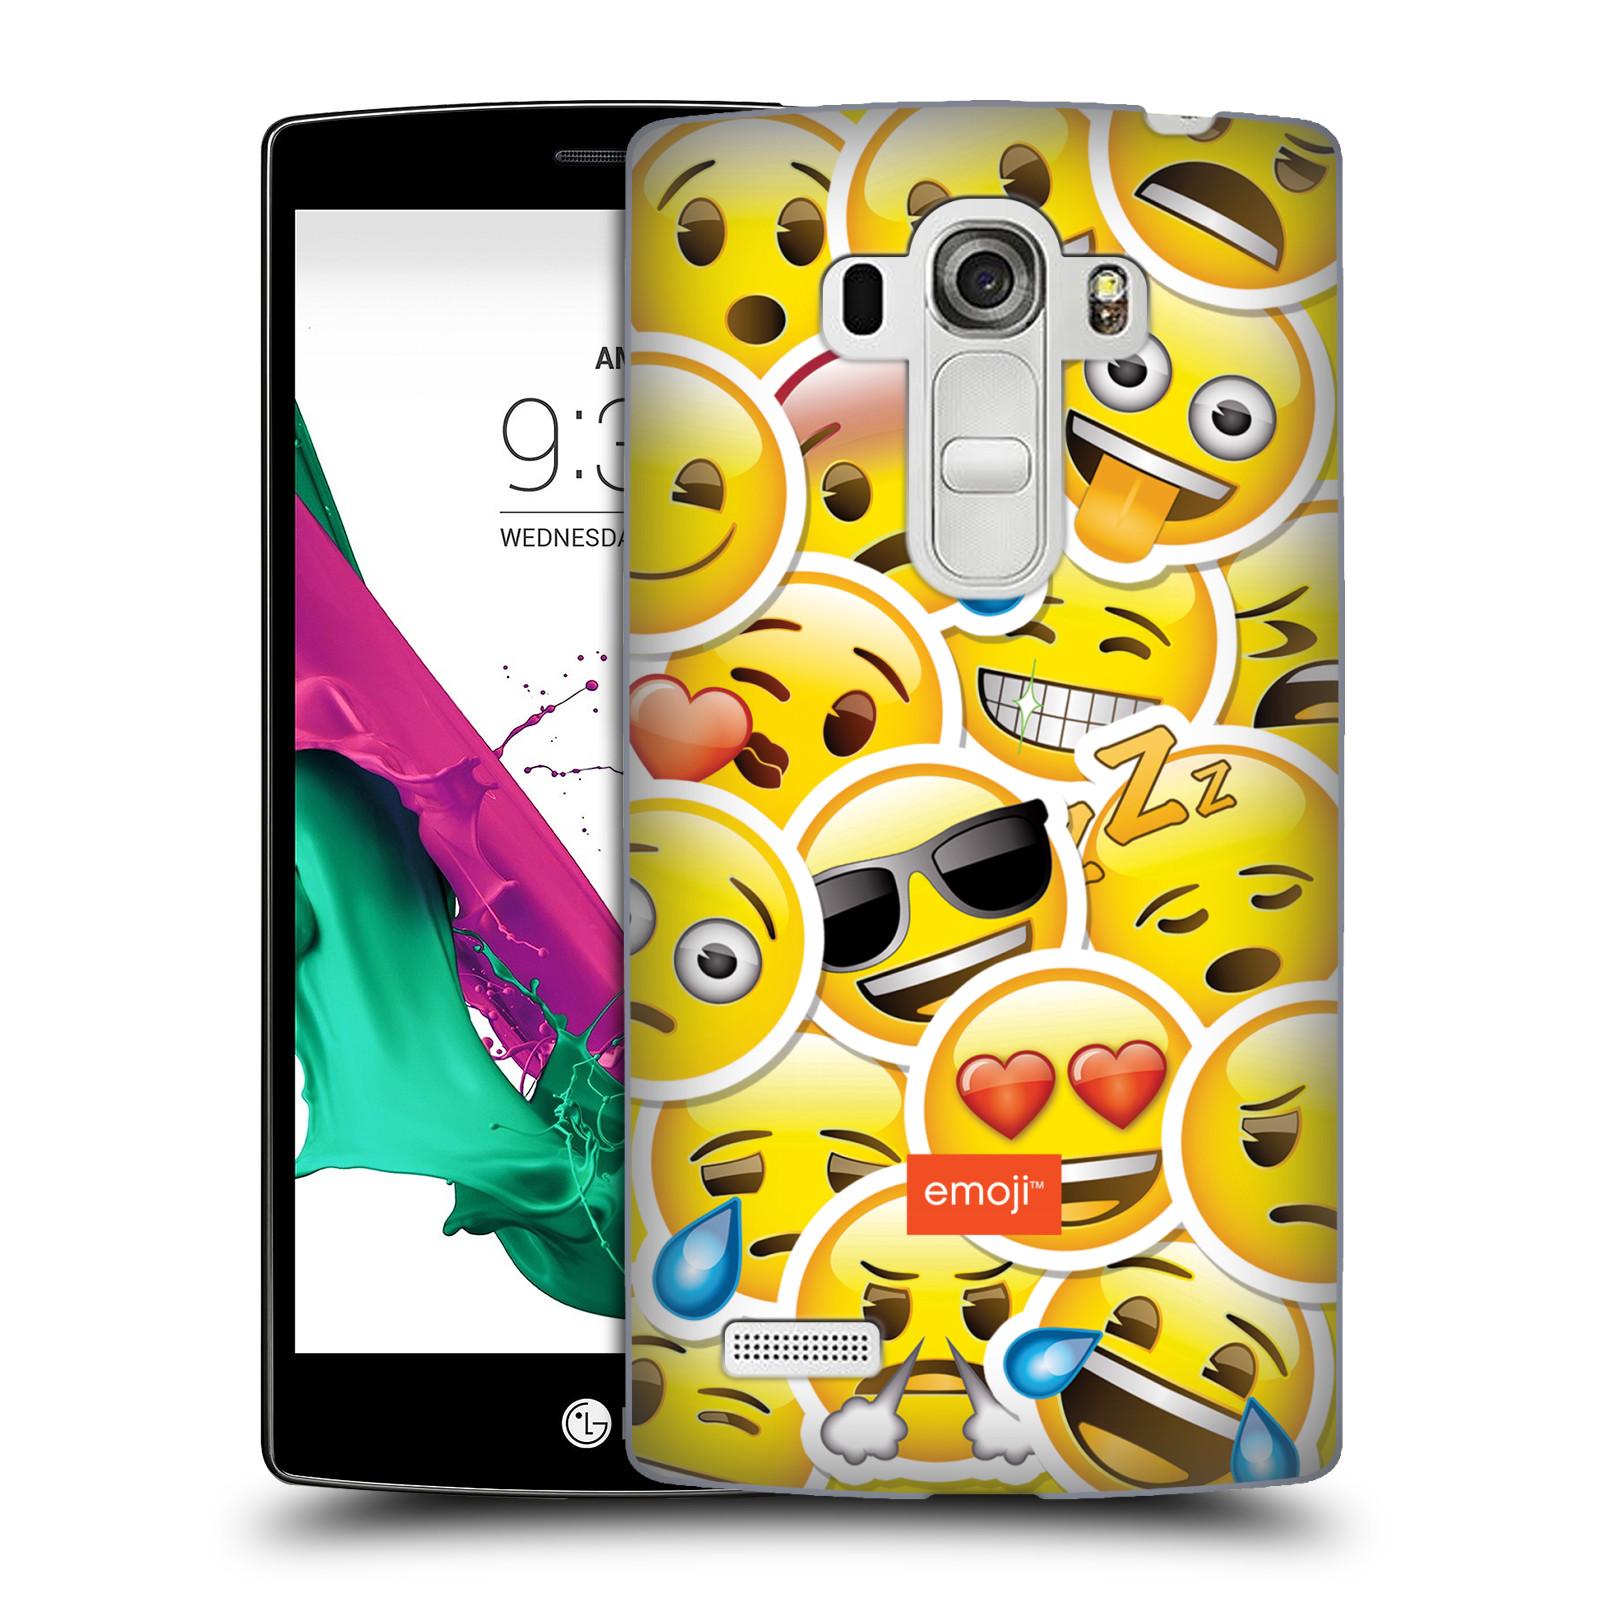 Plastové pouzdro na mobil LG G4s HEAD CASE EMOJI - Velcí smajlíci ZZ